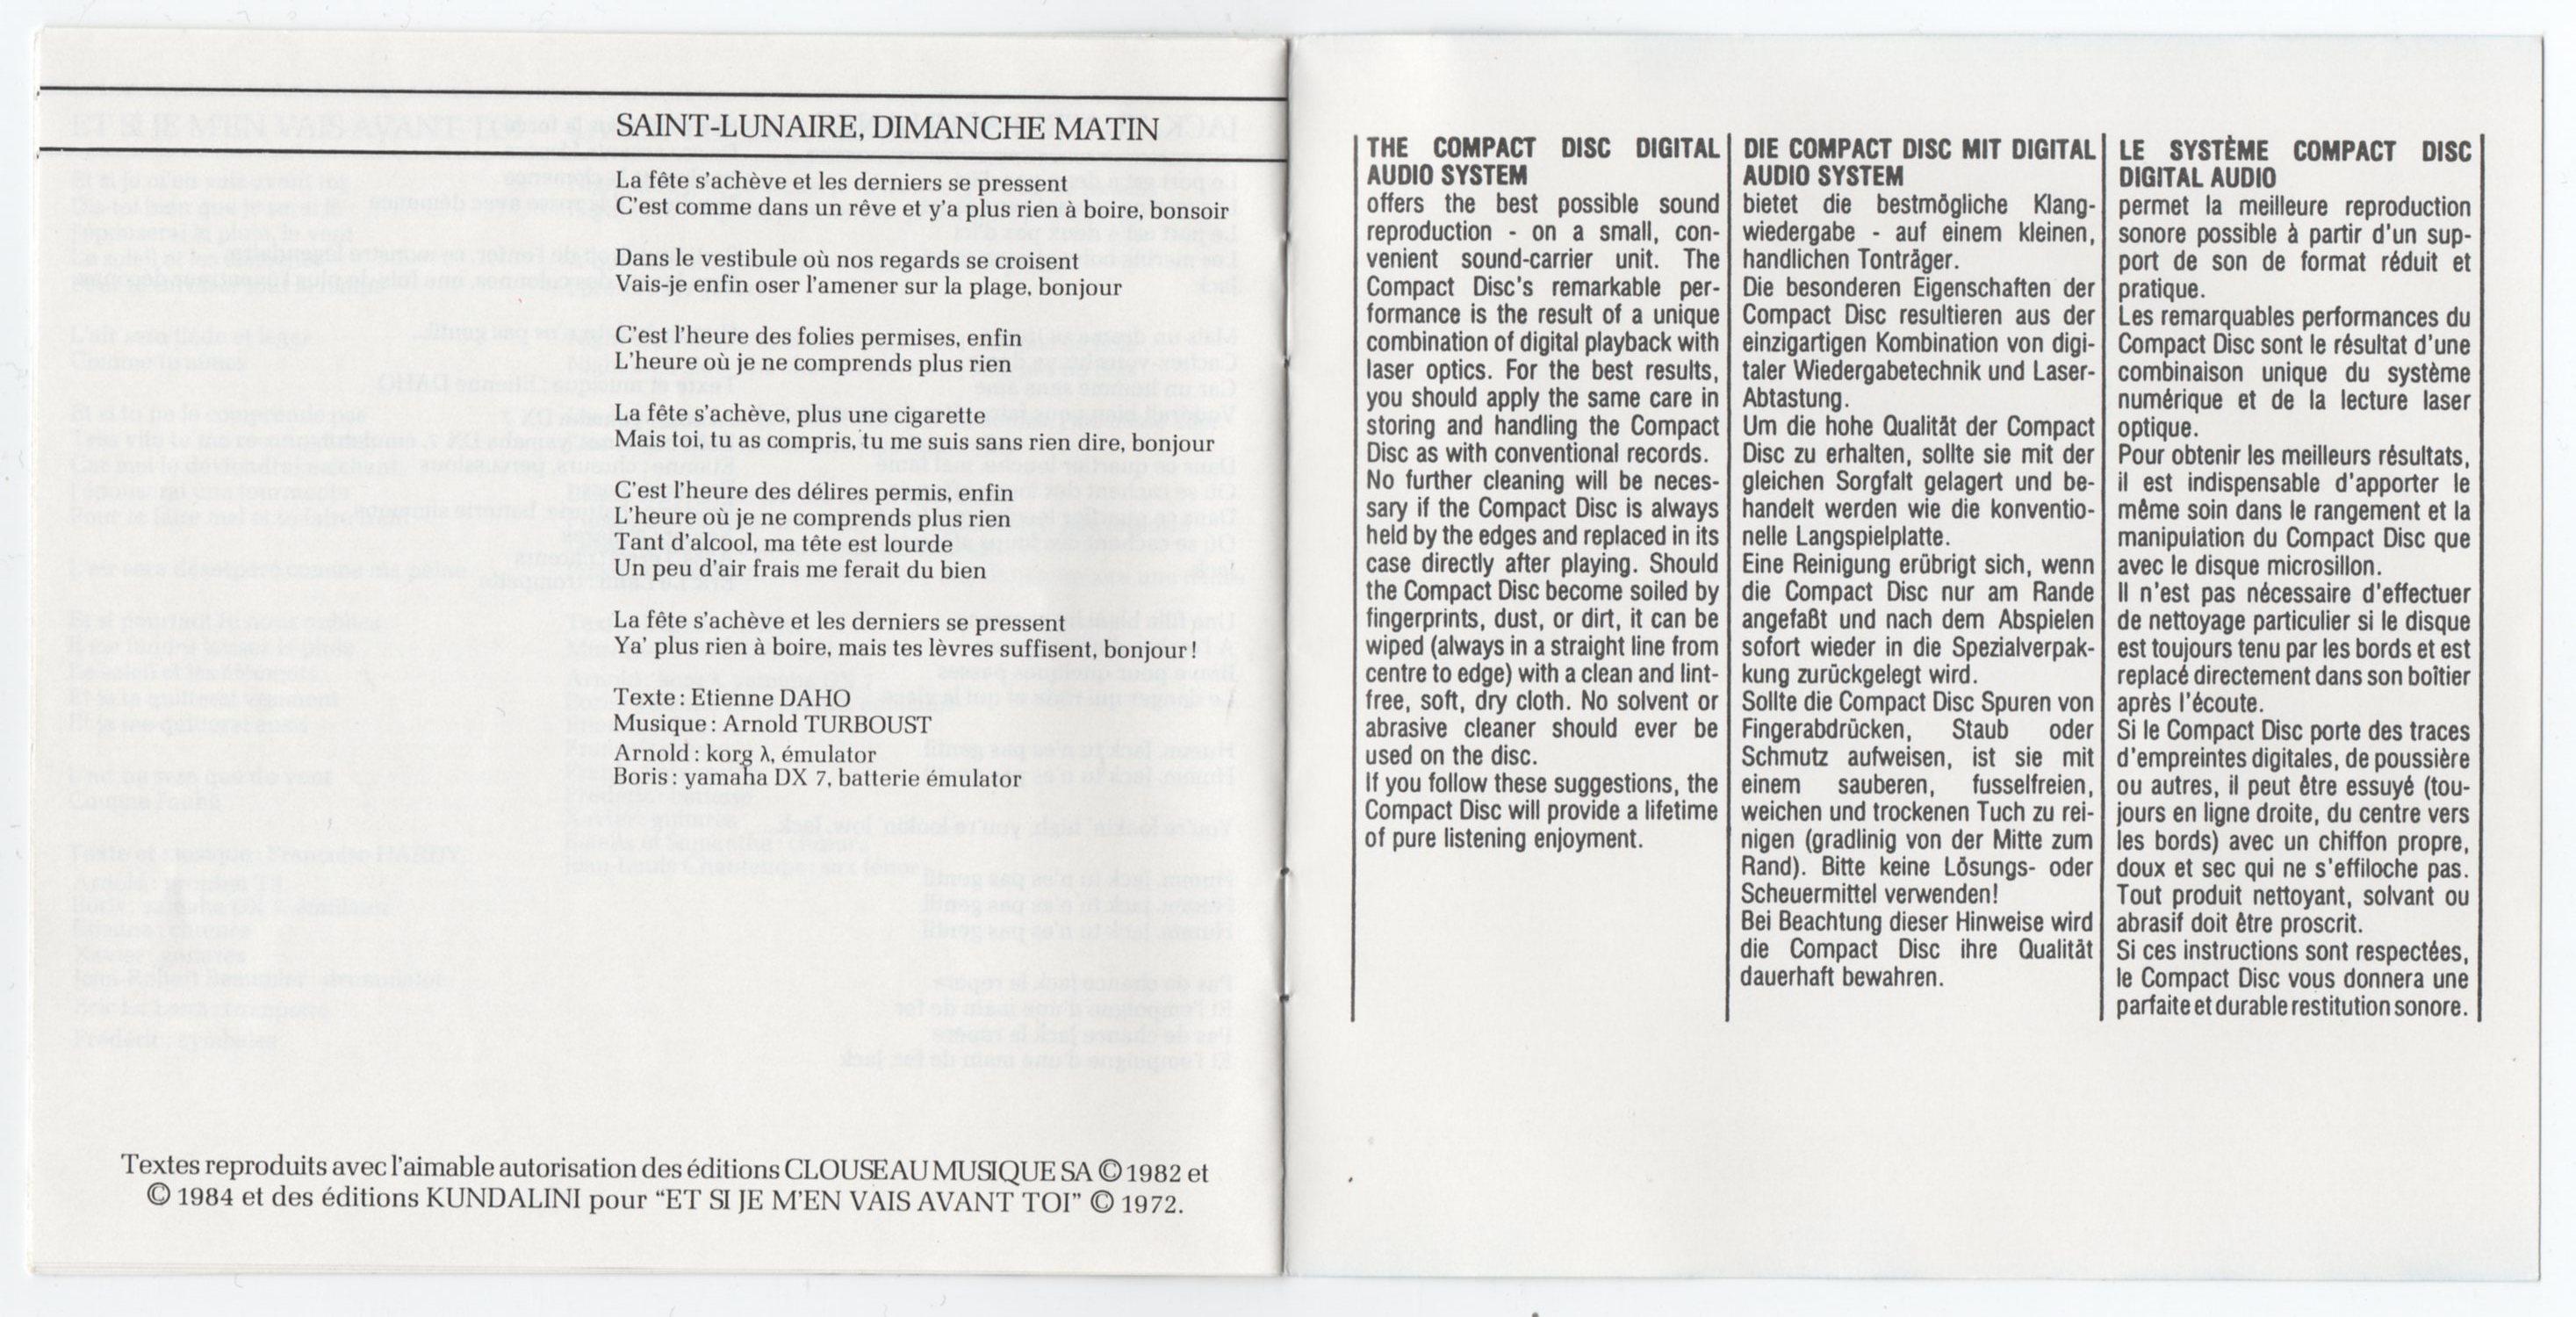 Livret intérieur, page 10-11